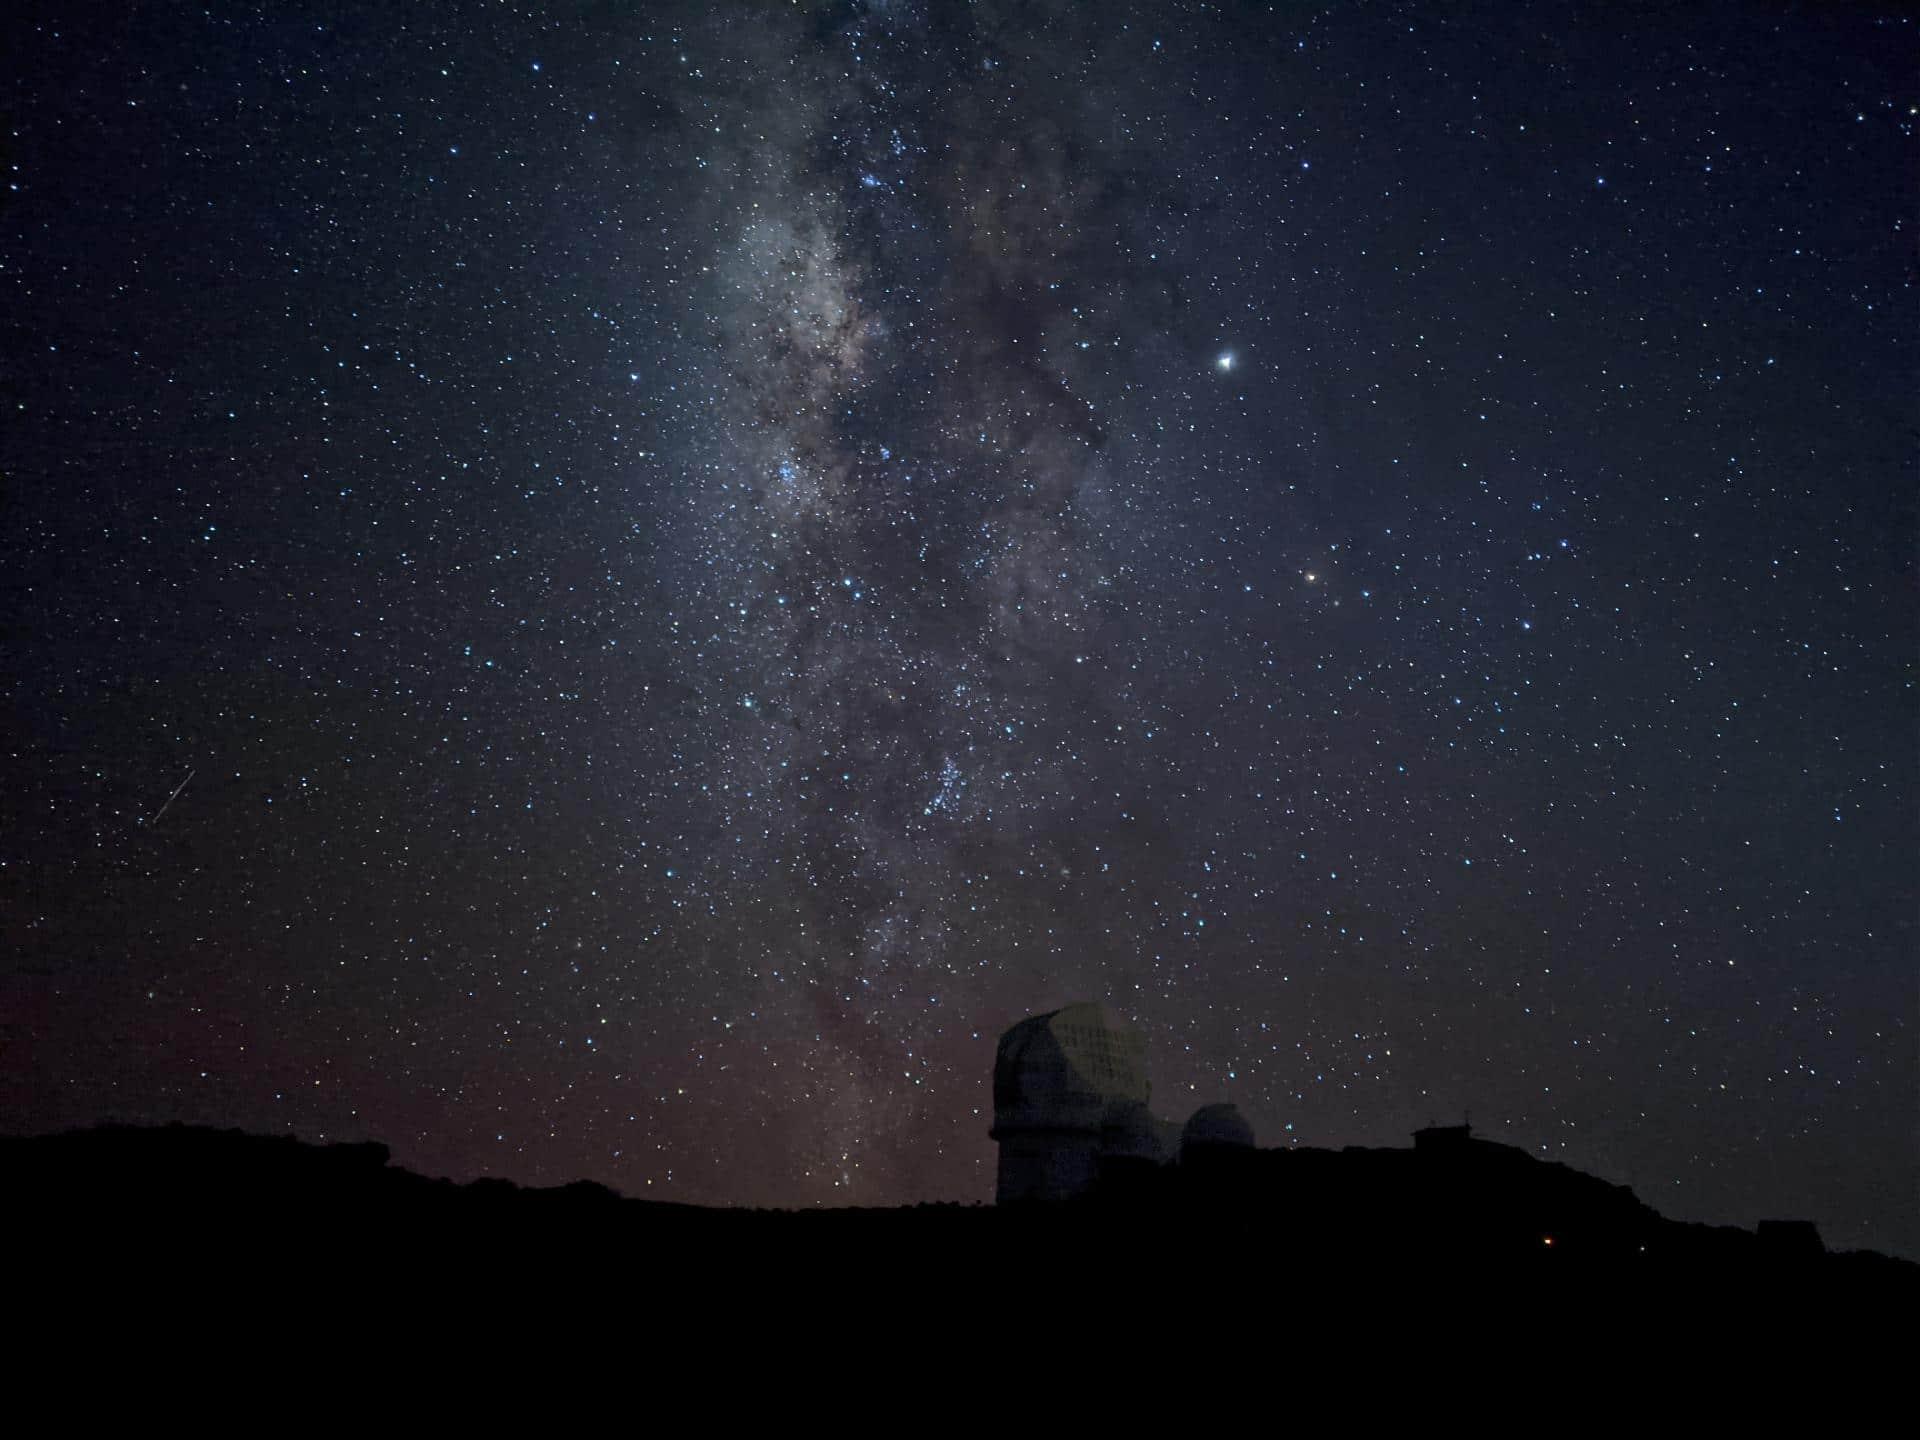 google-remove-suporte-para-astrofotografia-do-pixel-5-e-pixel-4a-5g